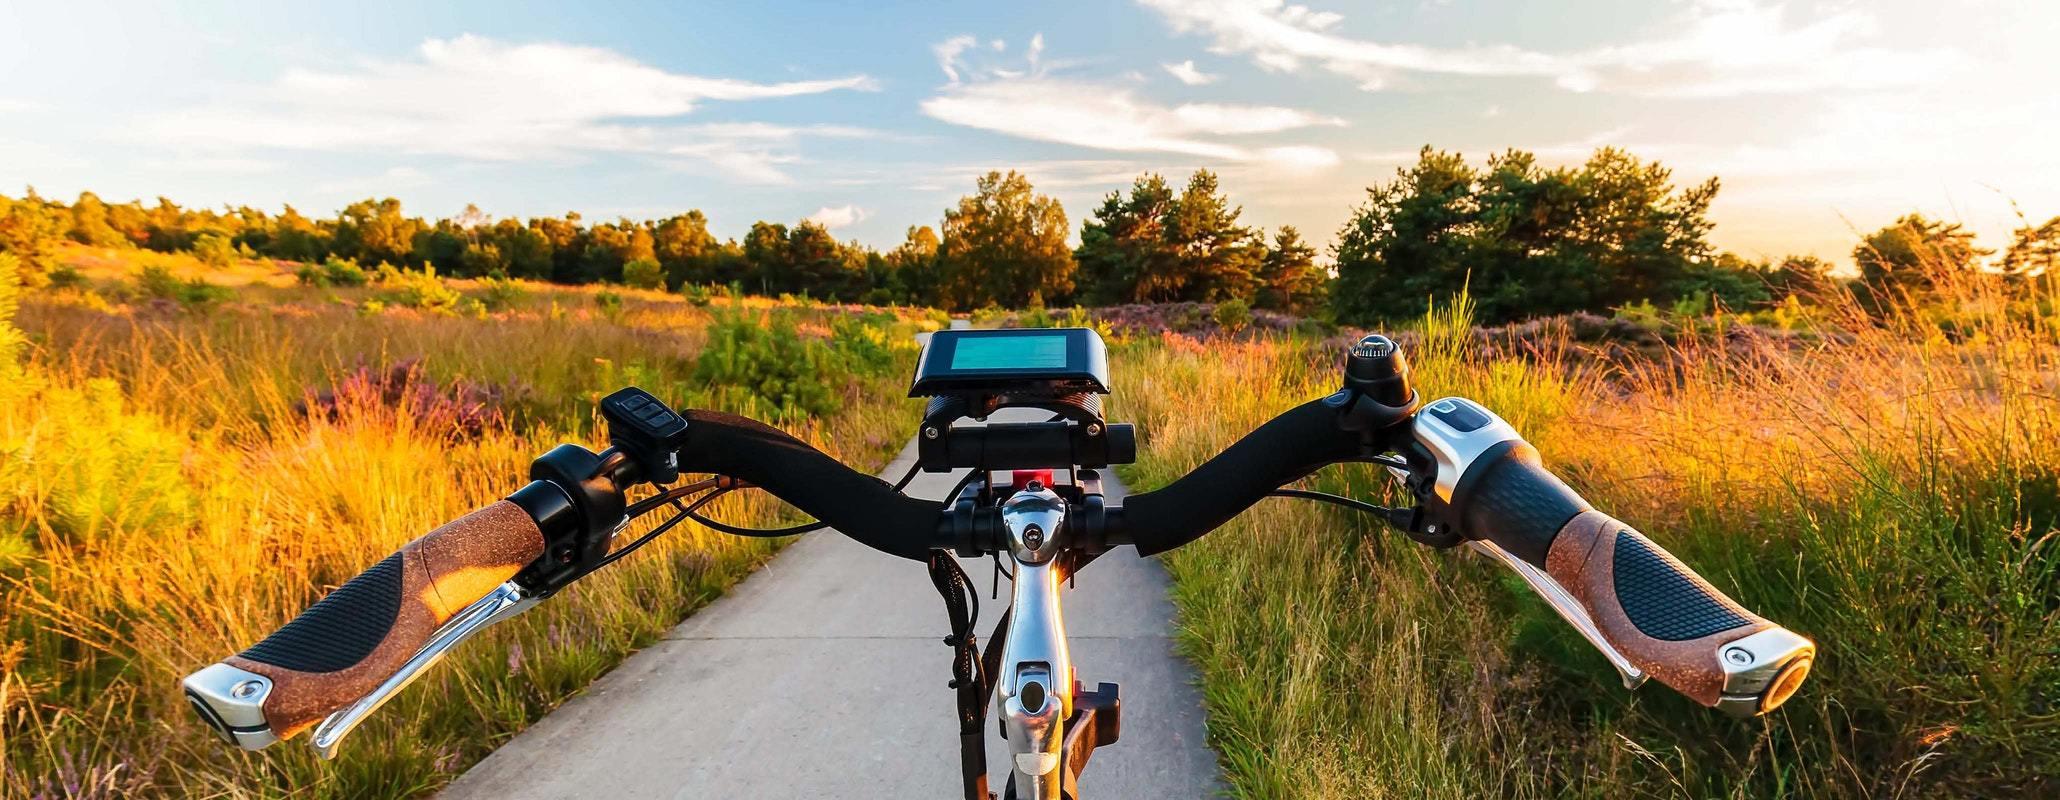 elektrische-fiets-ebike-stuur-4120x1600.jpg?mtime=20200201141522#asset:416495